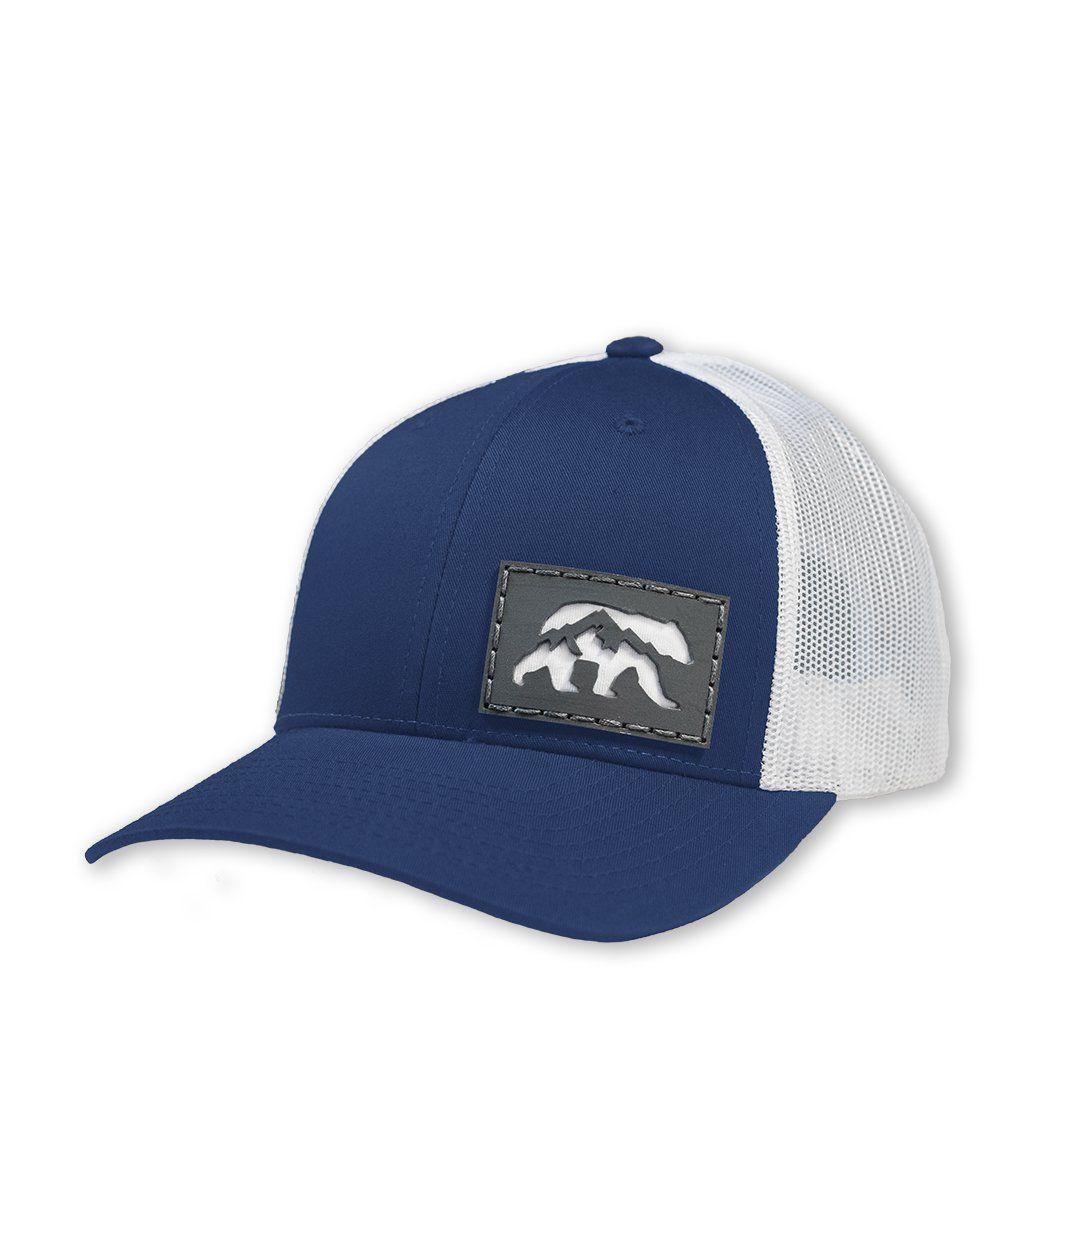 Bruin Trucker Hat Royal Blue White Trucker Hat Hats Blue And White